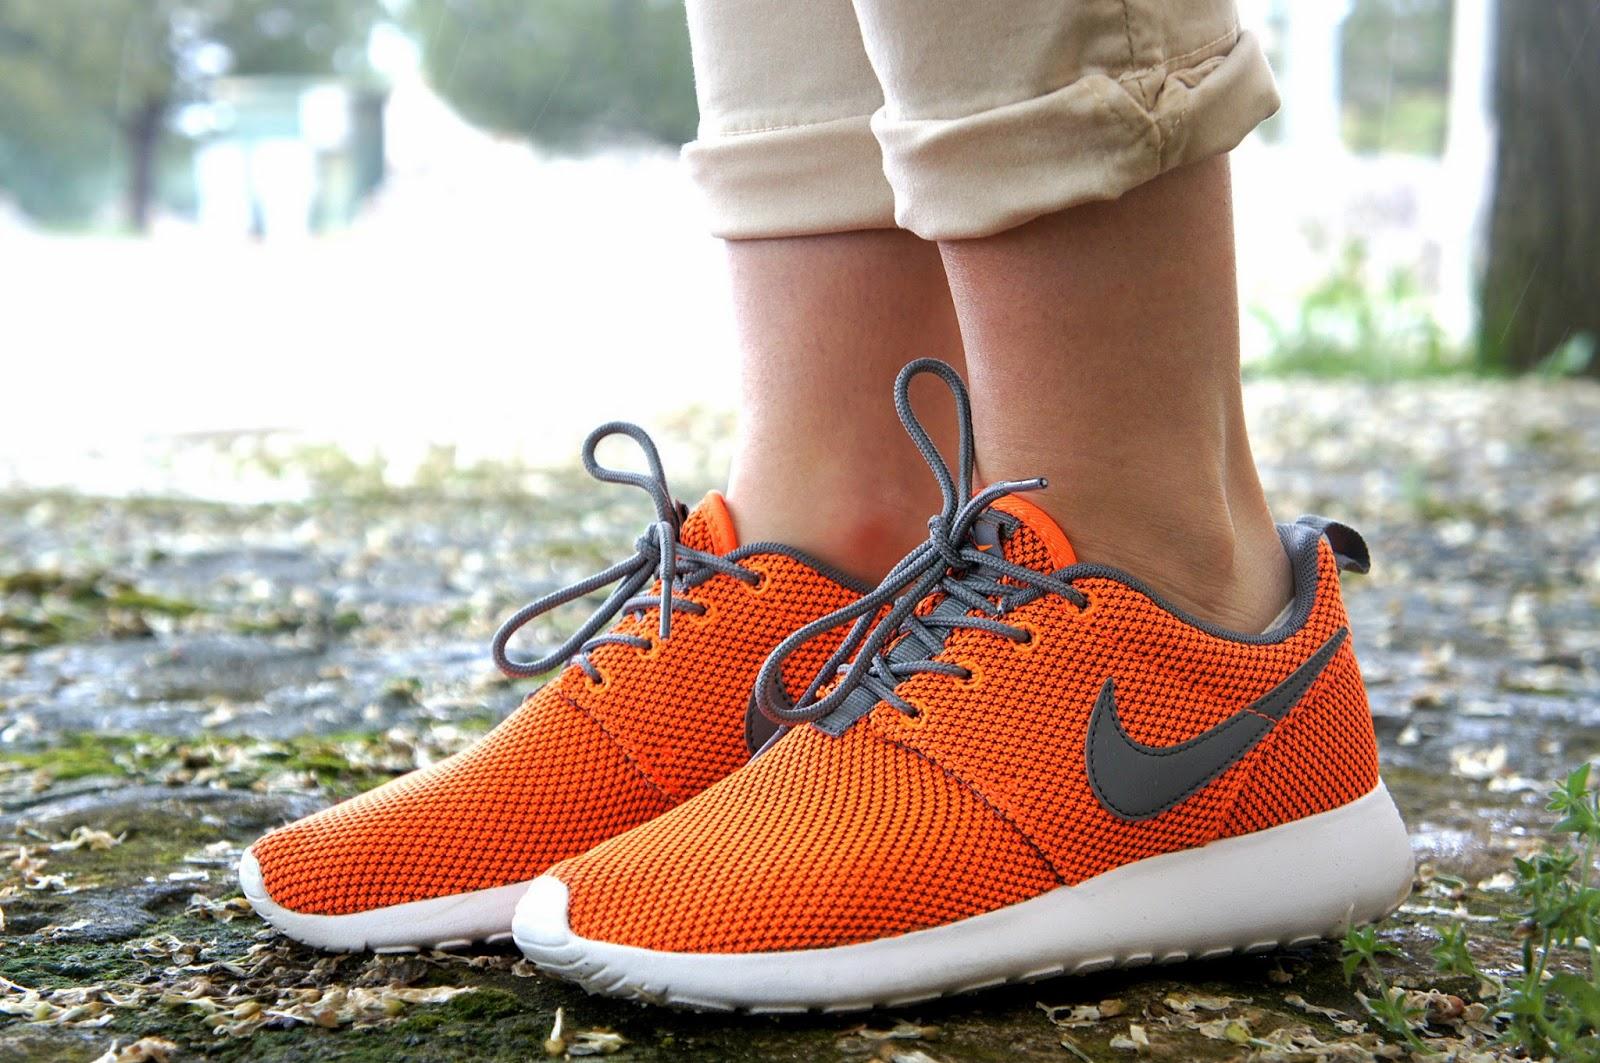 Le mie nuove Nike Roshe Run arancio fluo - Inside Me af3630aa72e